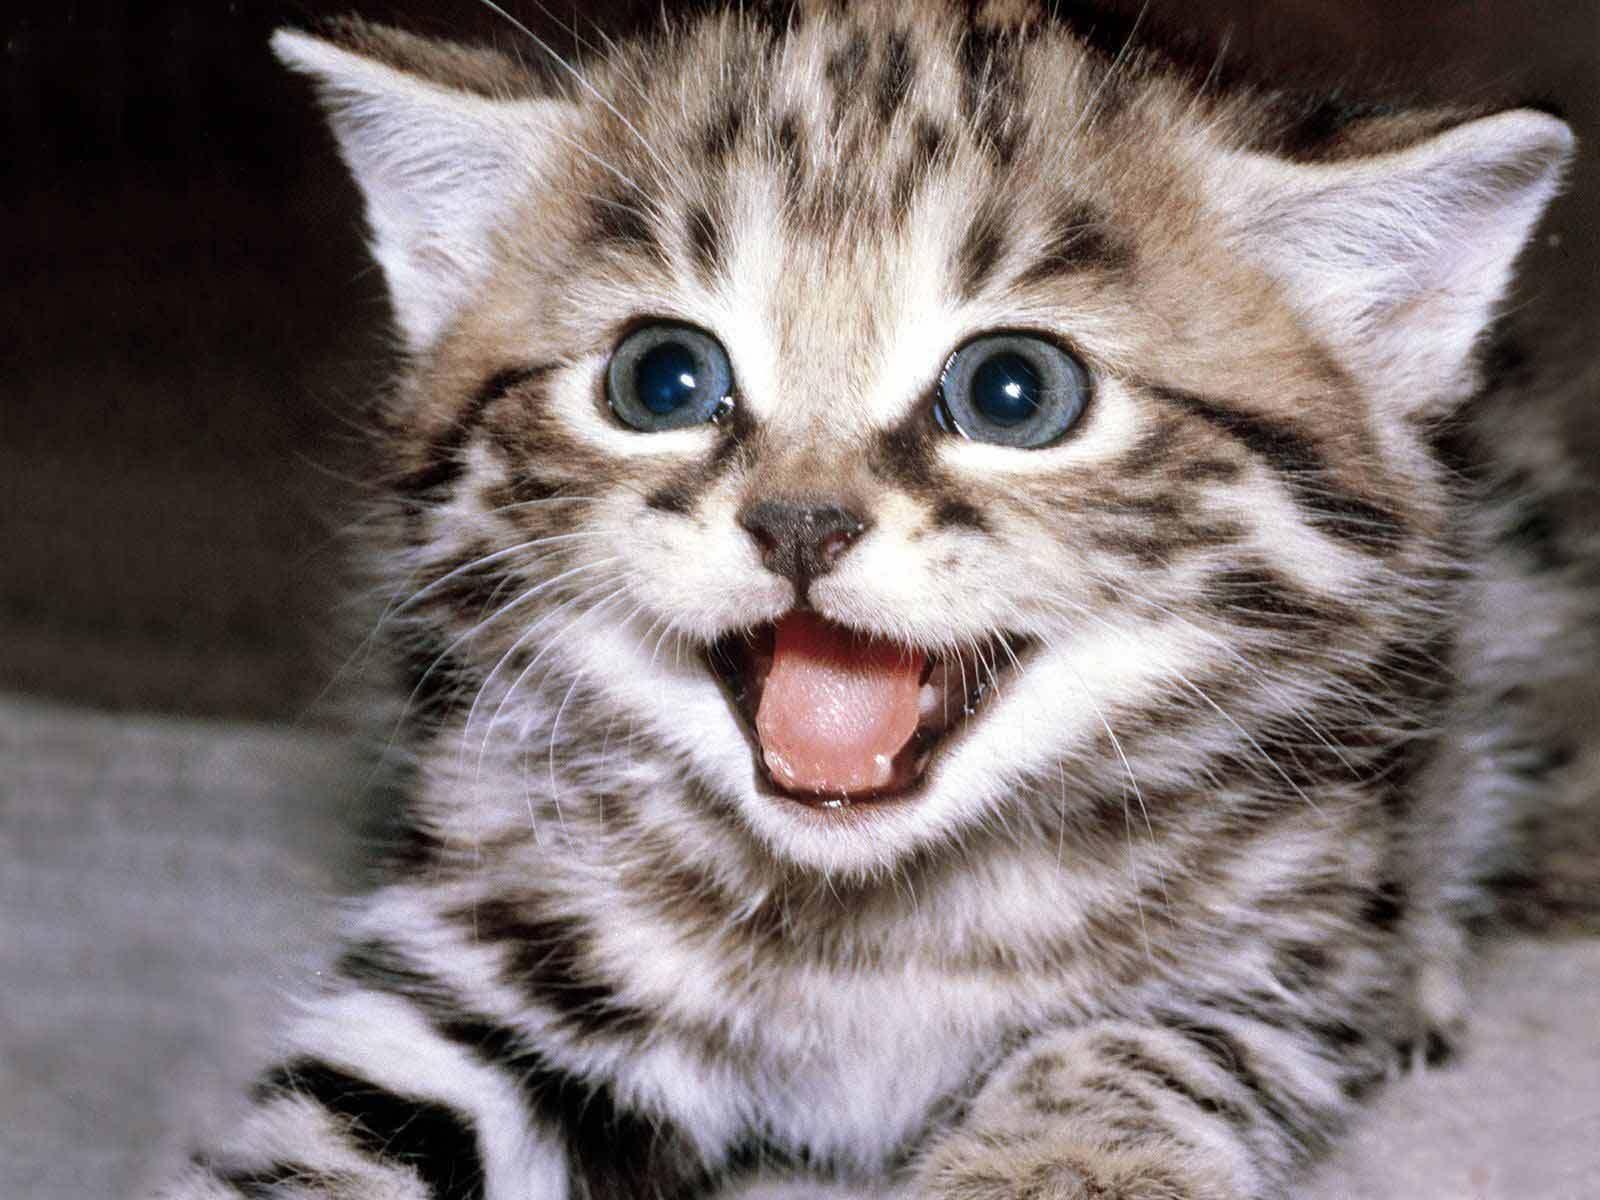 Cute Wallpapers - Cute Kittens Wallpaper (10501757) - Fanpop